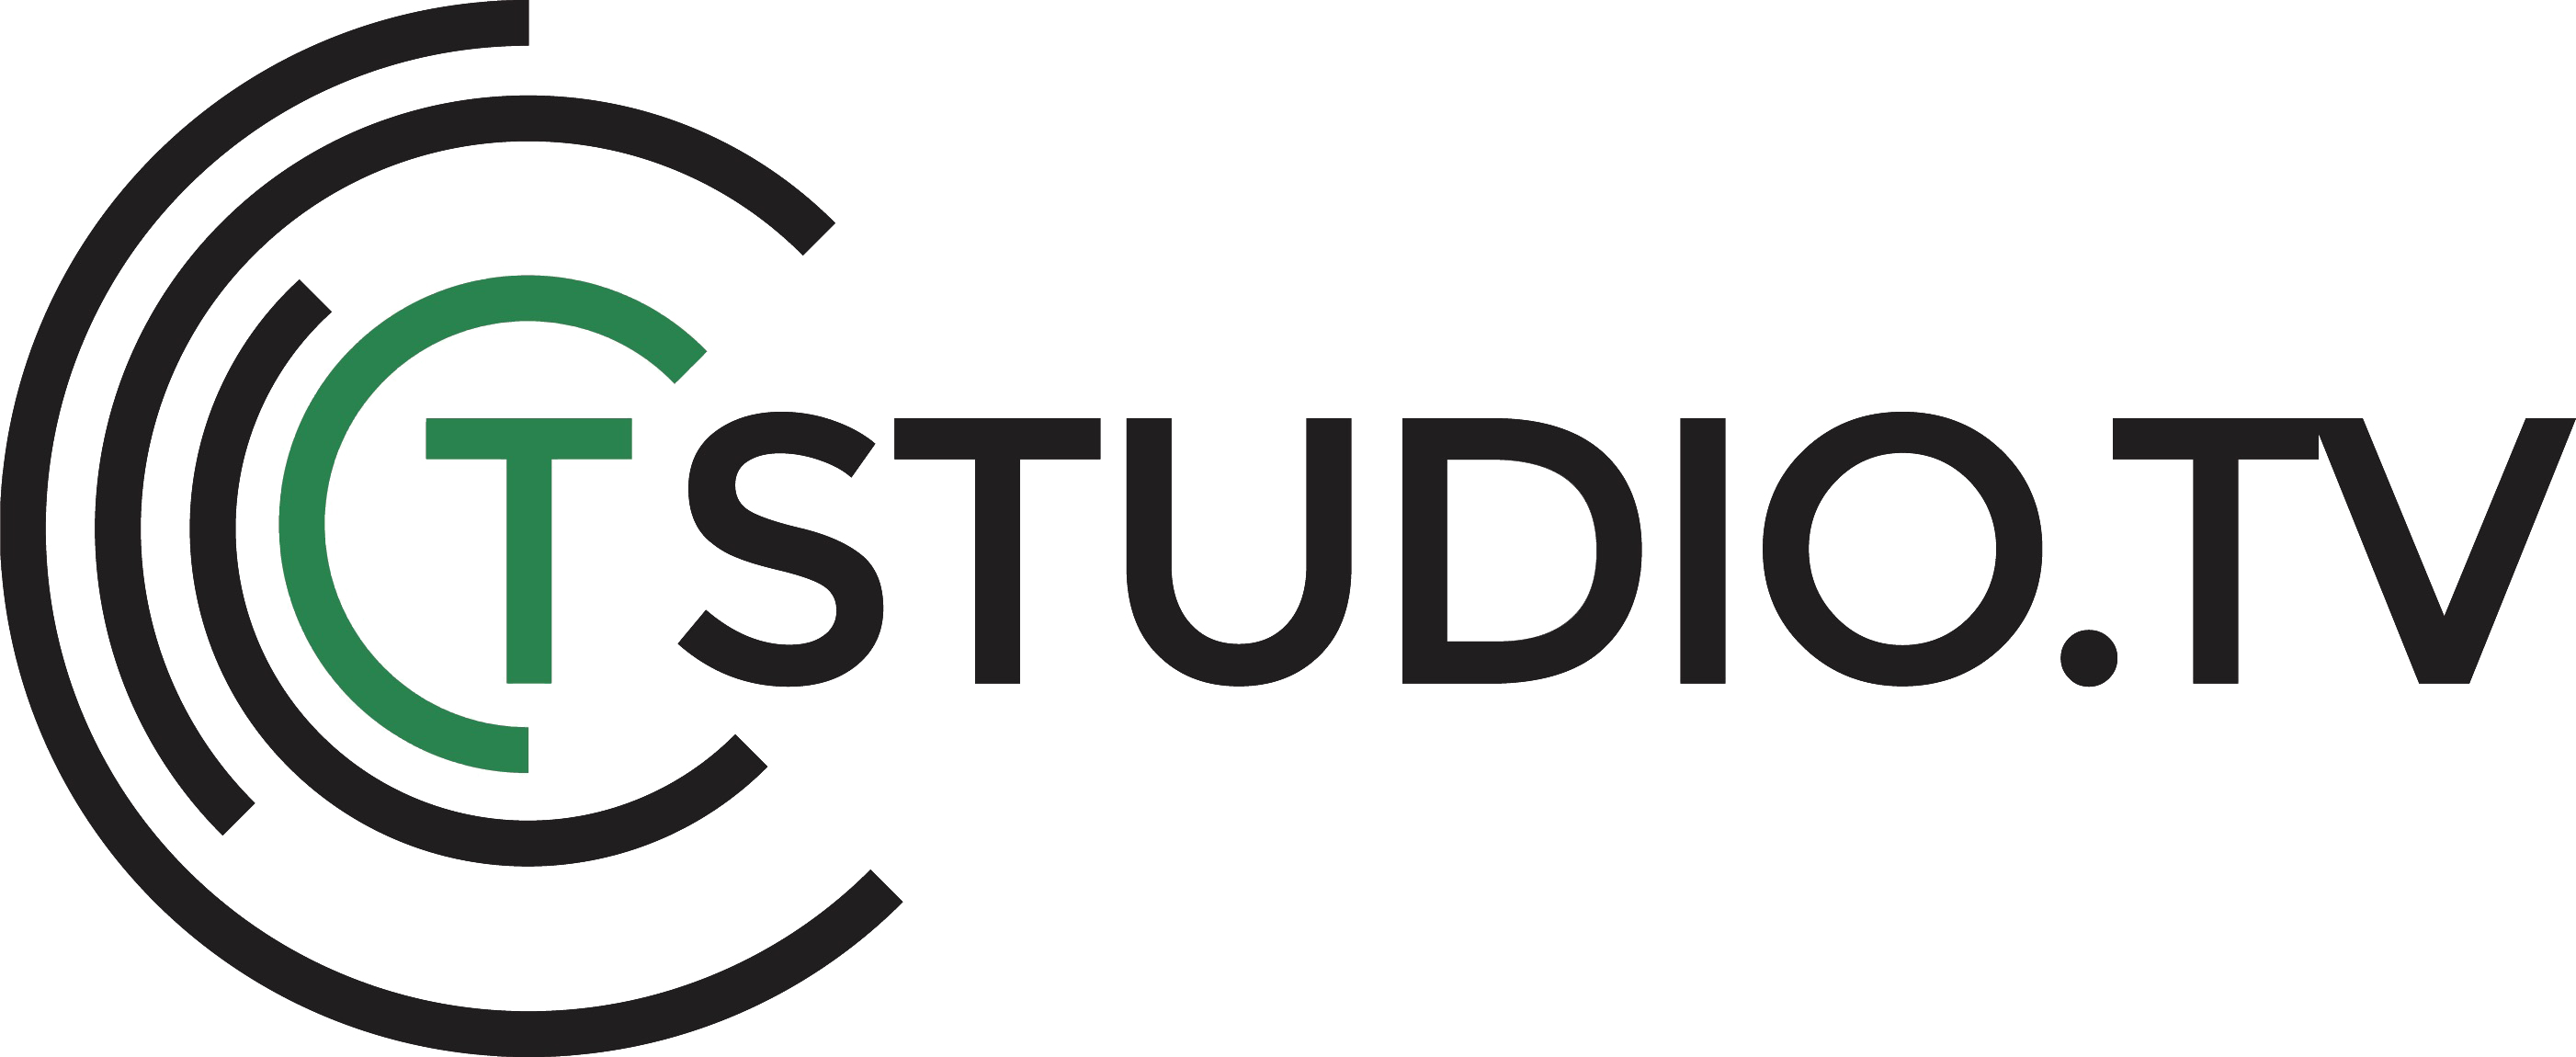 TStudio.tv